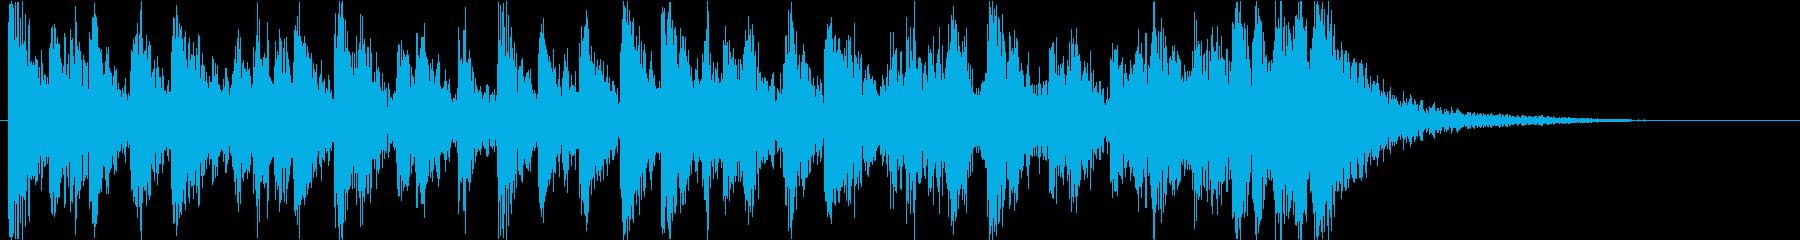 激しく躍動感たっぷりな太鼓です 12sの再生済みの波形